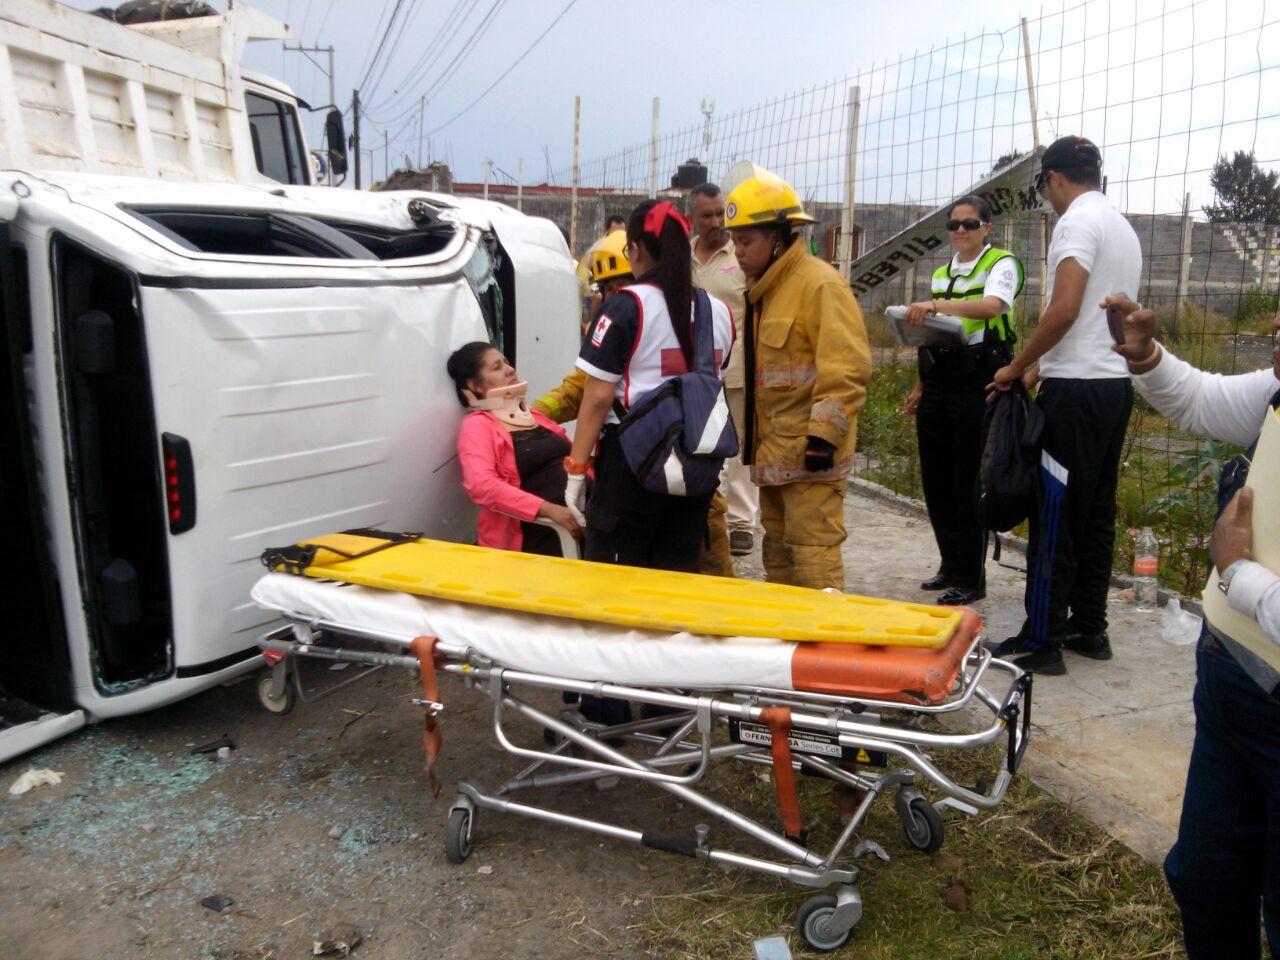 Carambola en salida a Salamanca deja nueve heridos